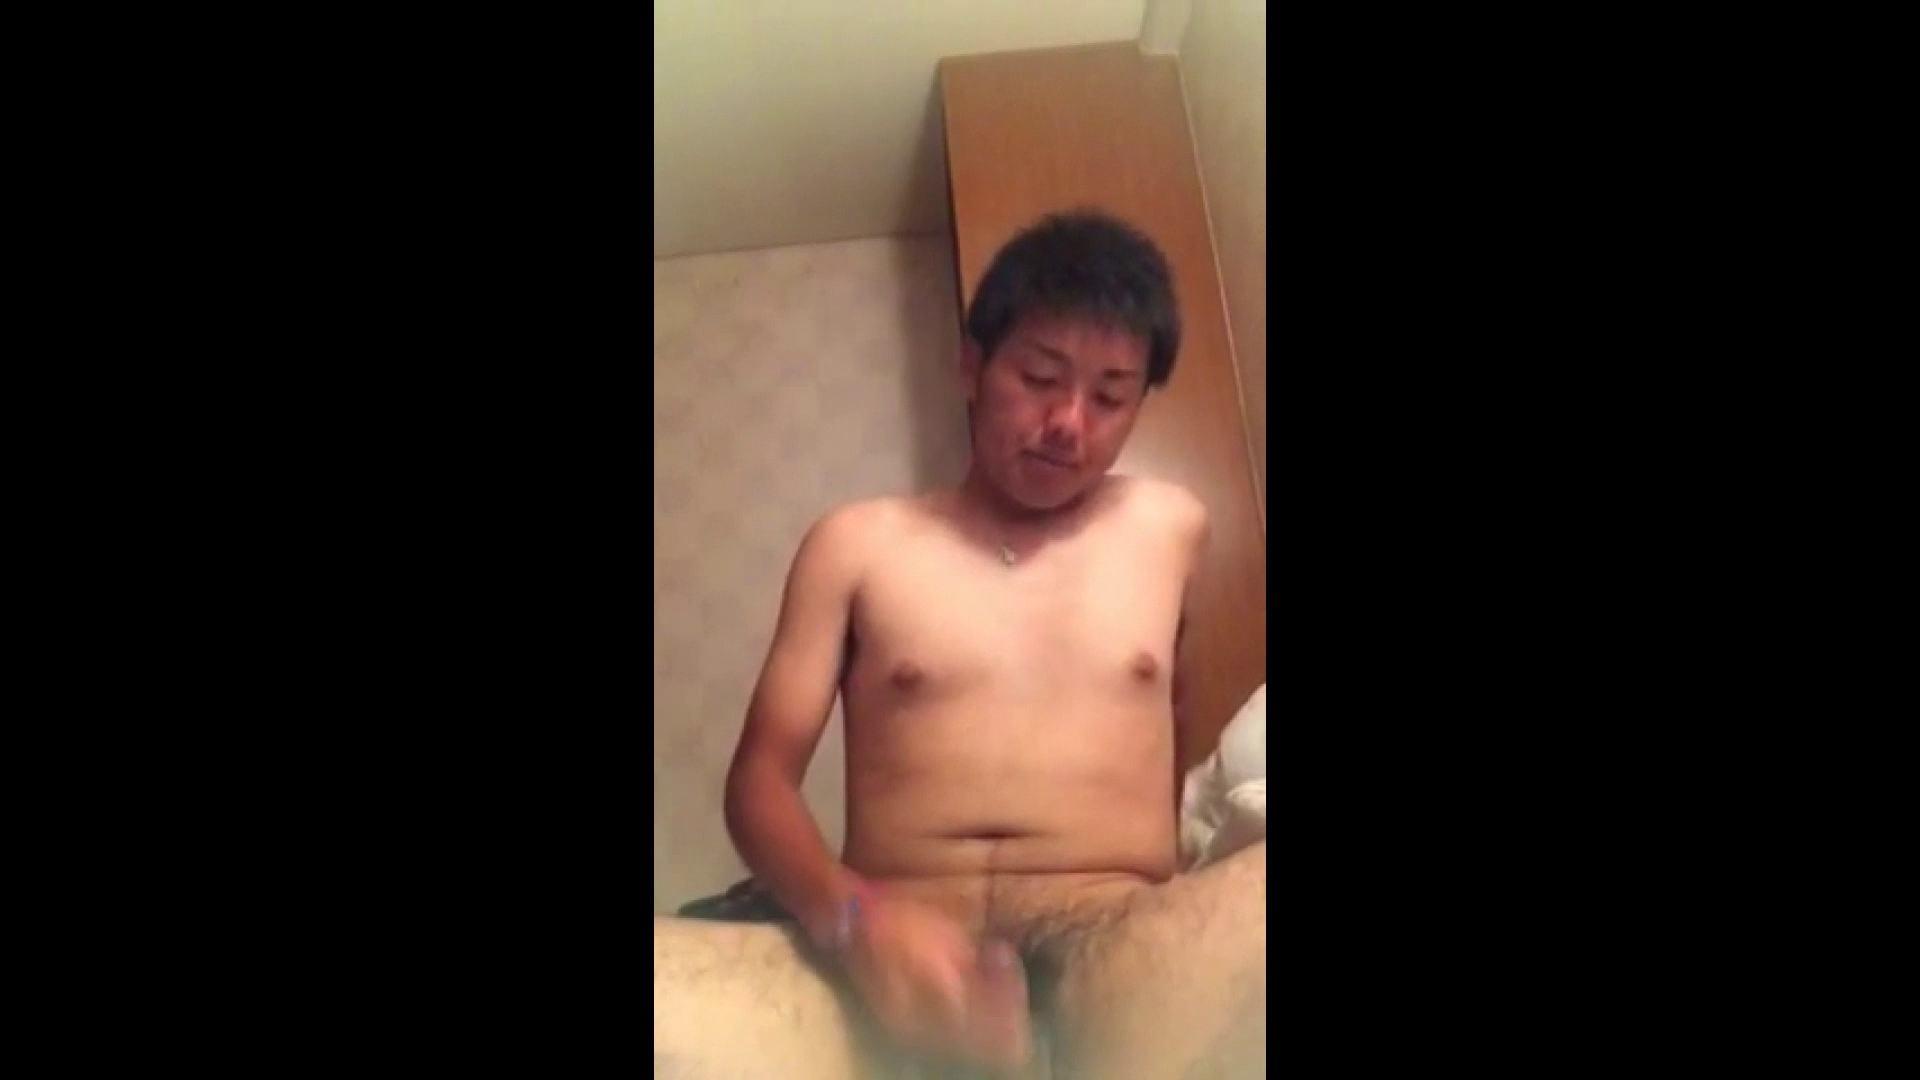 ノンケちゃんたちのハー!ハー!!オナニーvol.29 ノンケ ゲイモロ見え画像 36連発 6